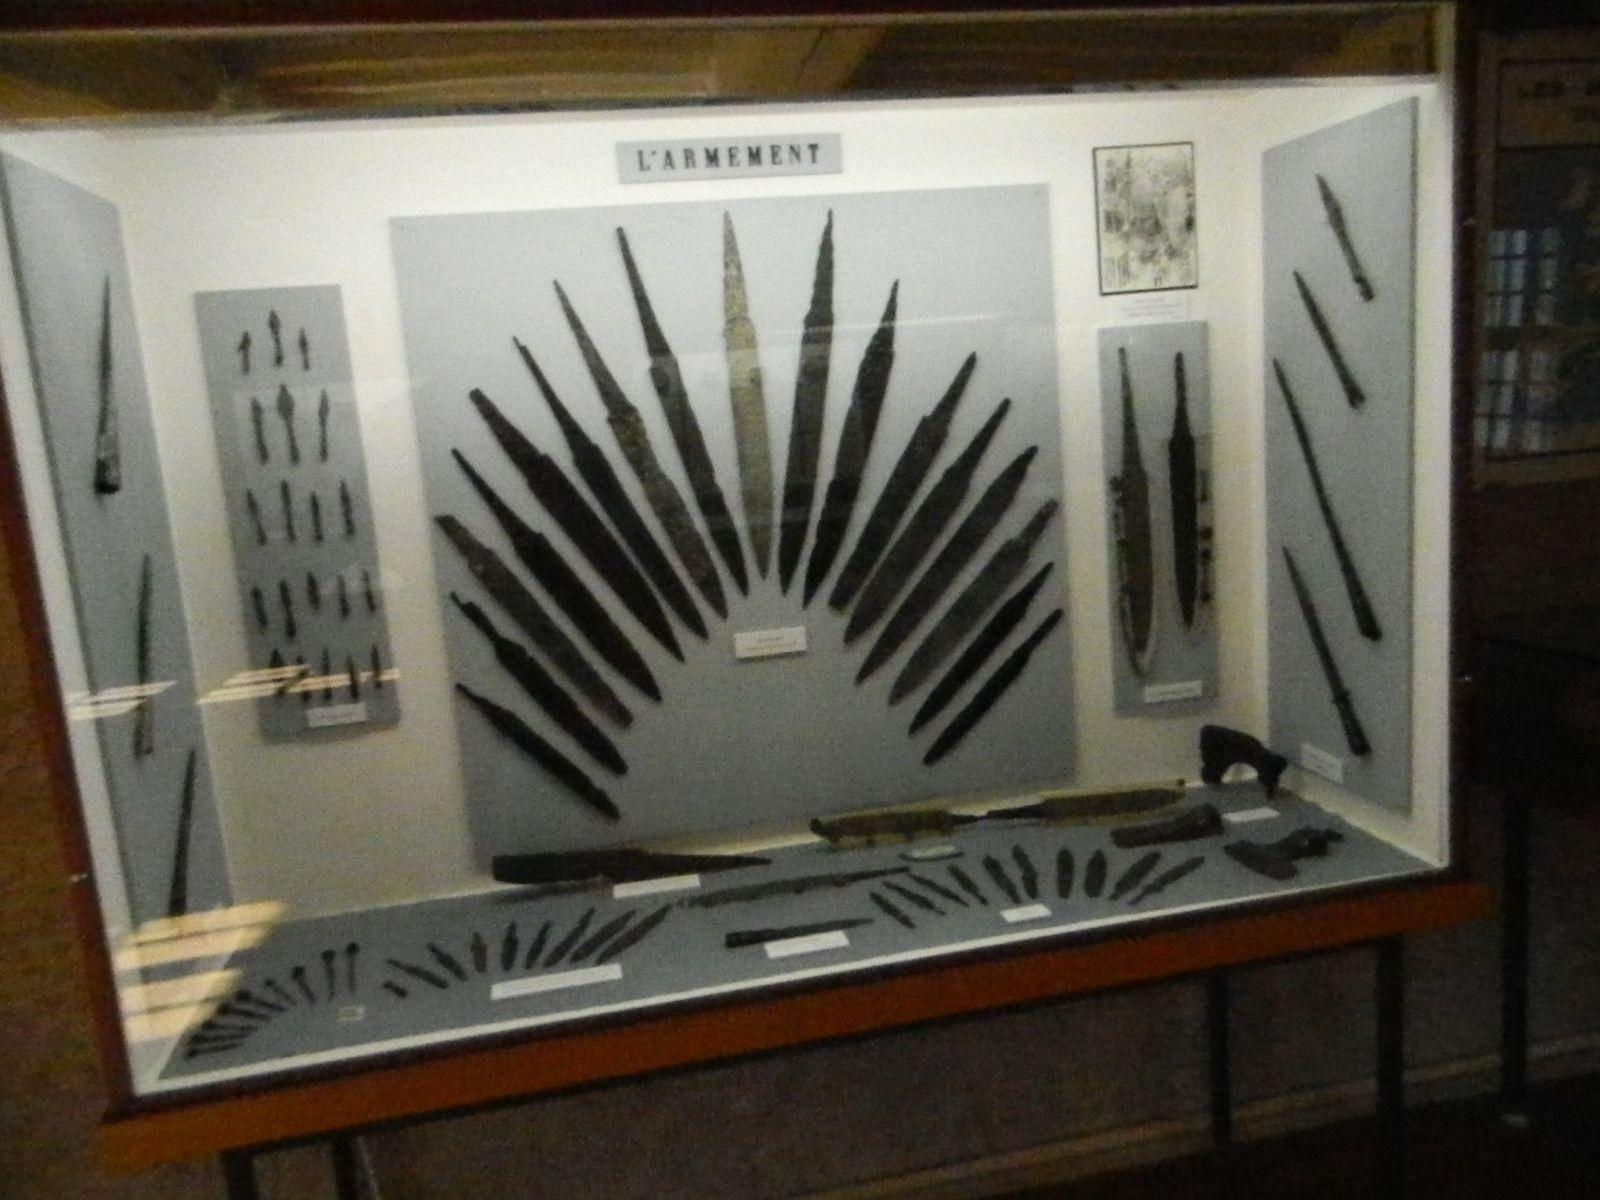 Un remarquable Musée de l'Histoire régionale, une volonté pédagogique toujours présente